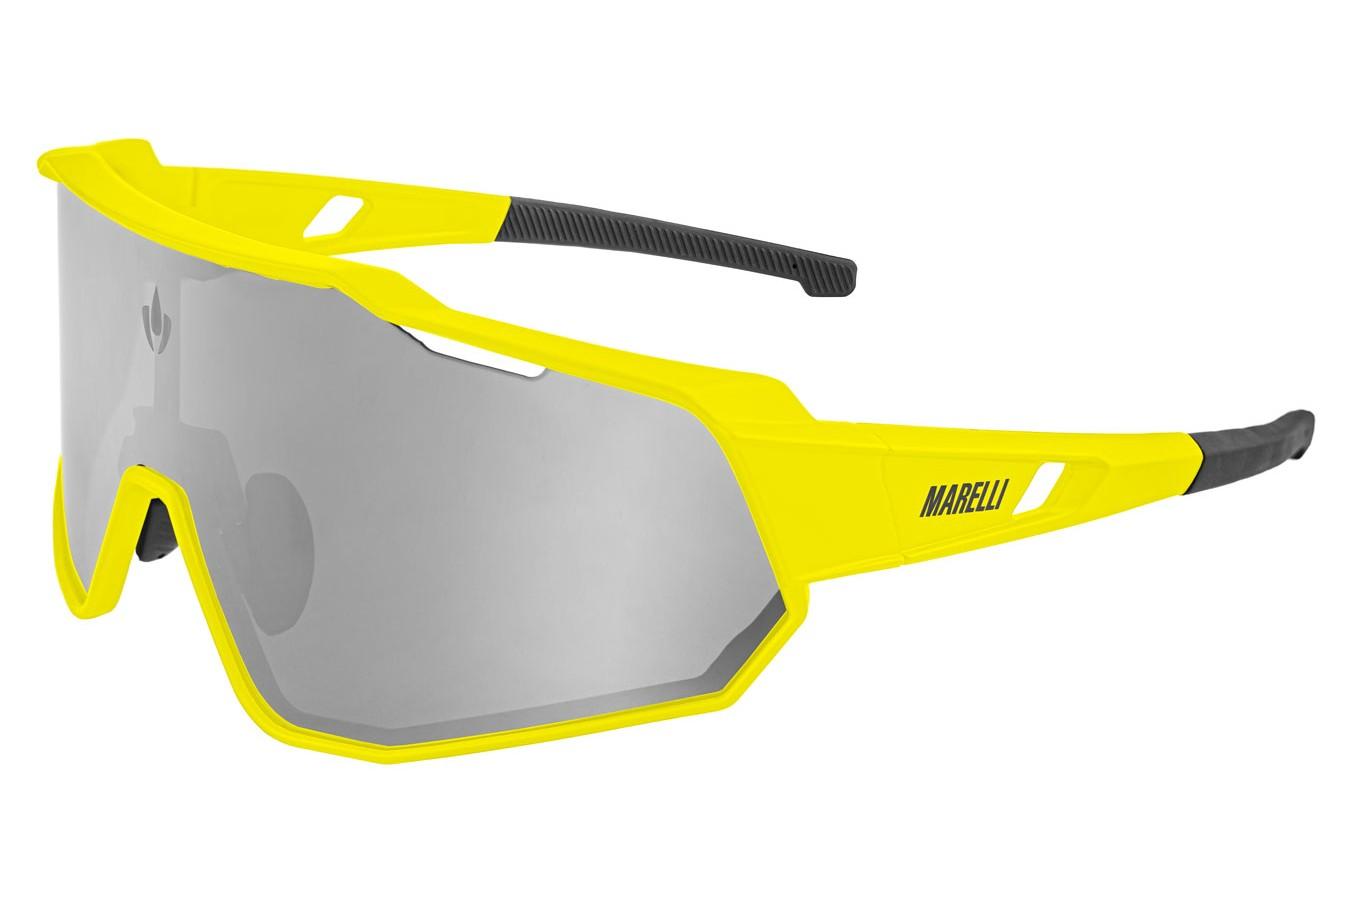 Óculos de ciclismo Veloce 3 lentes amarelo - Marelli